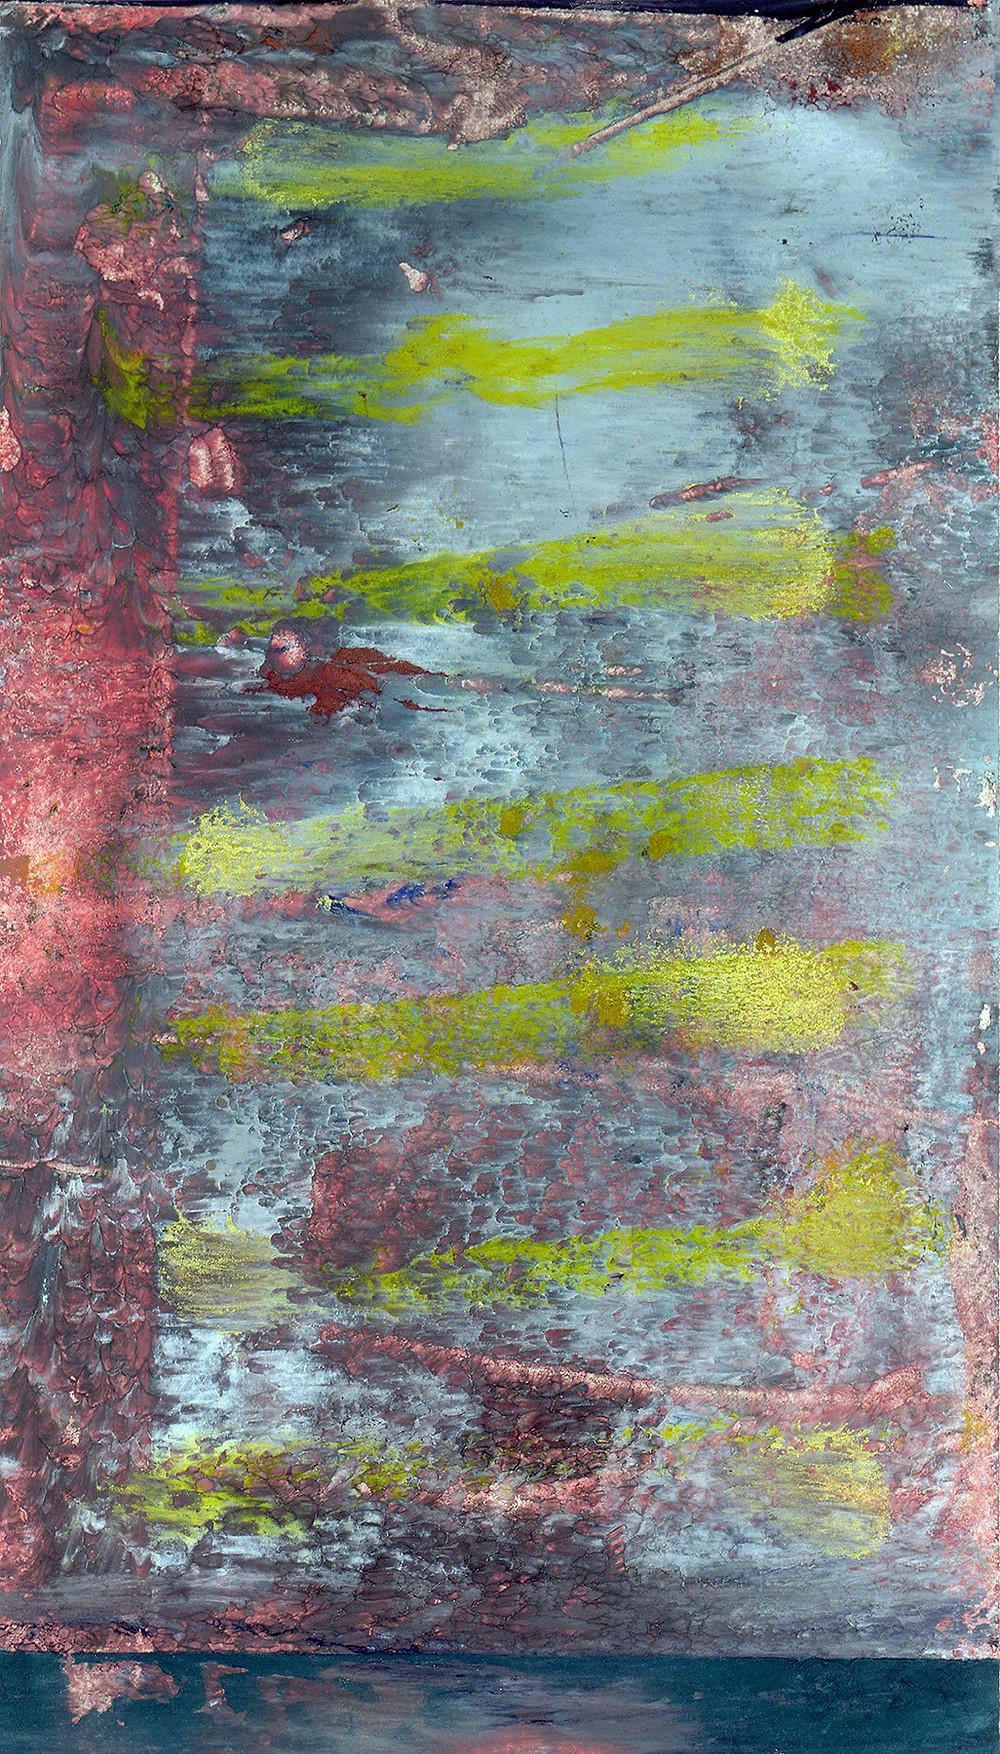 Water Lines by Melissa Rubin